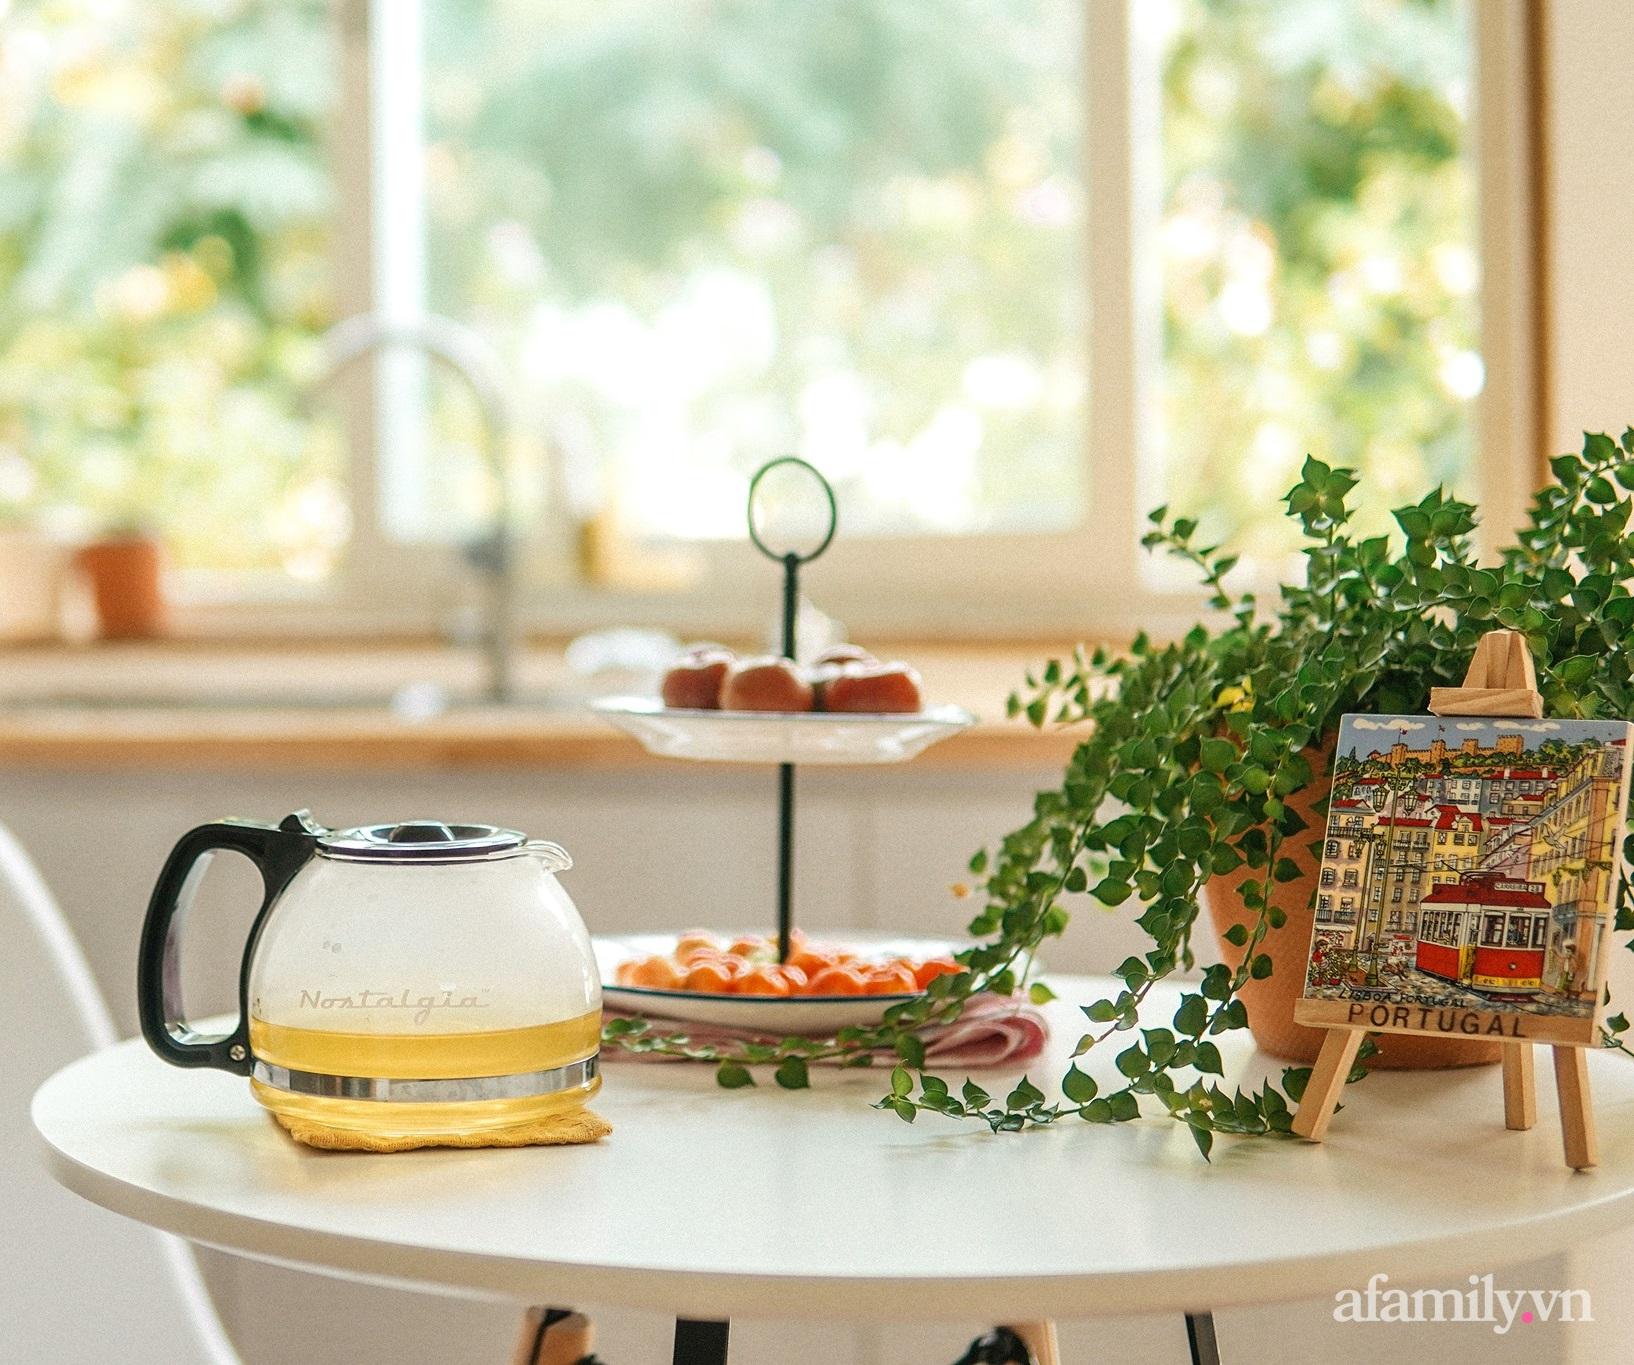 """Căn bếp """"lạ đời"""" trên tầng 4 trong căn nhà phố Sài Gòn luôn thơm nức mùi bơ bánh - Ảnh 13."""